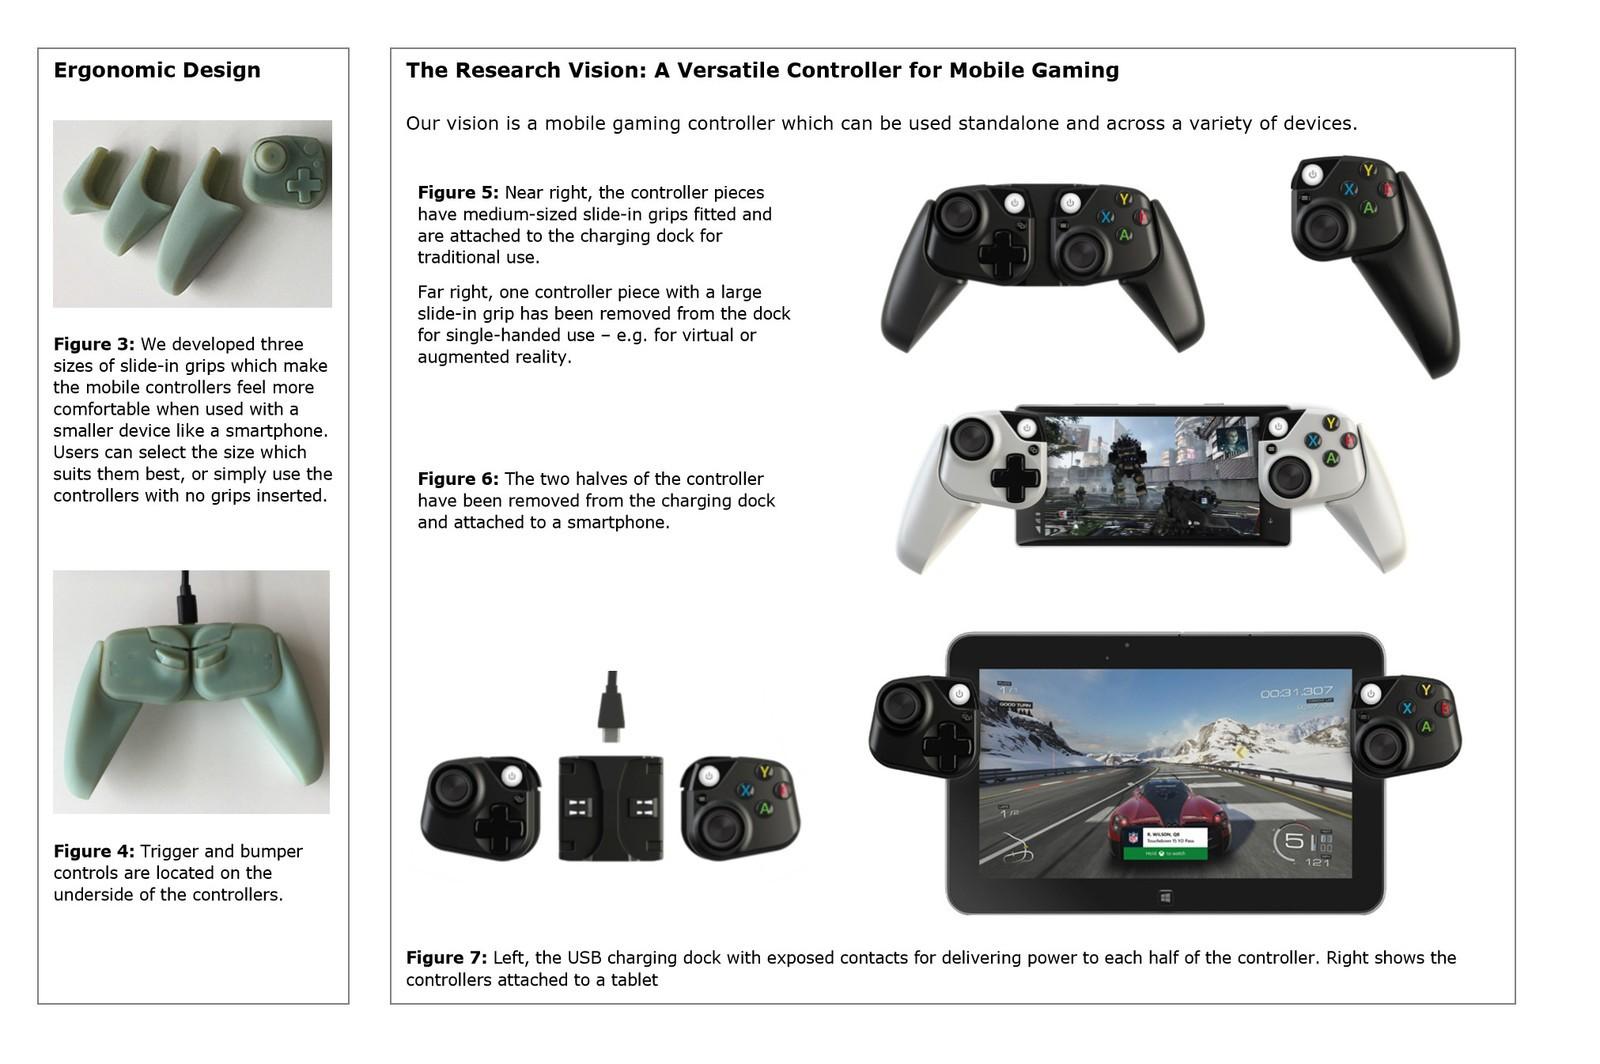 Controller per smartphone targato Xbox